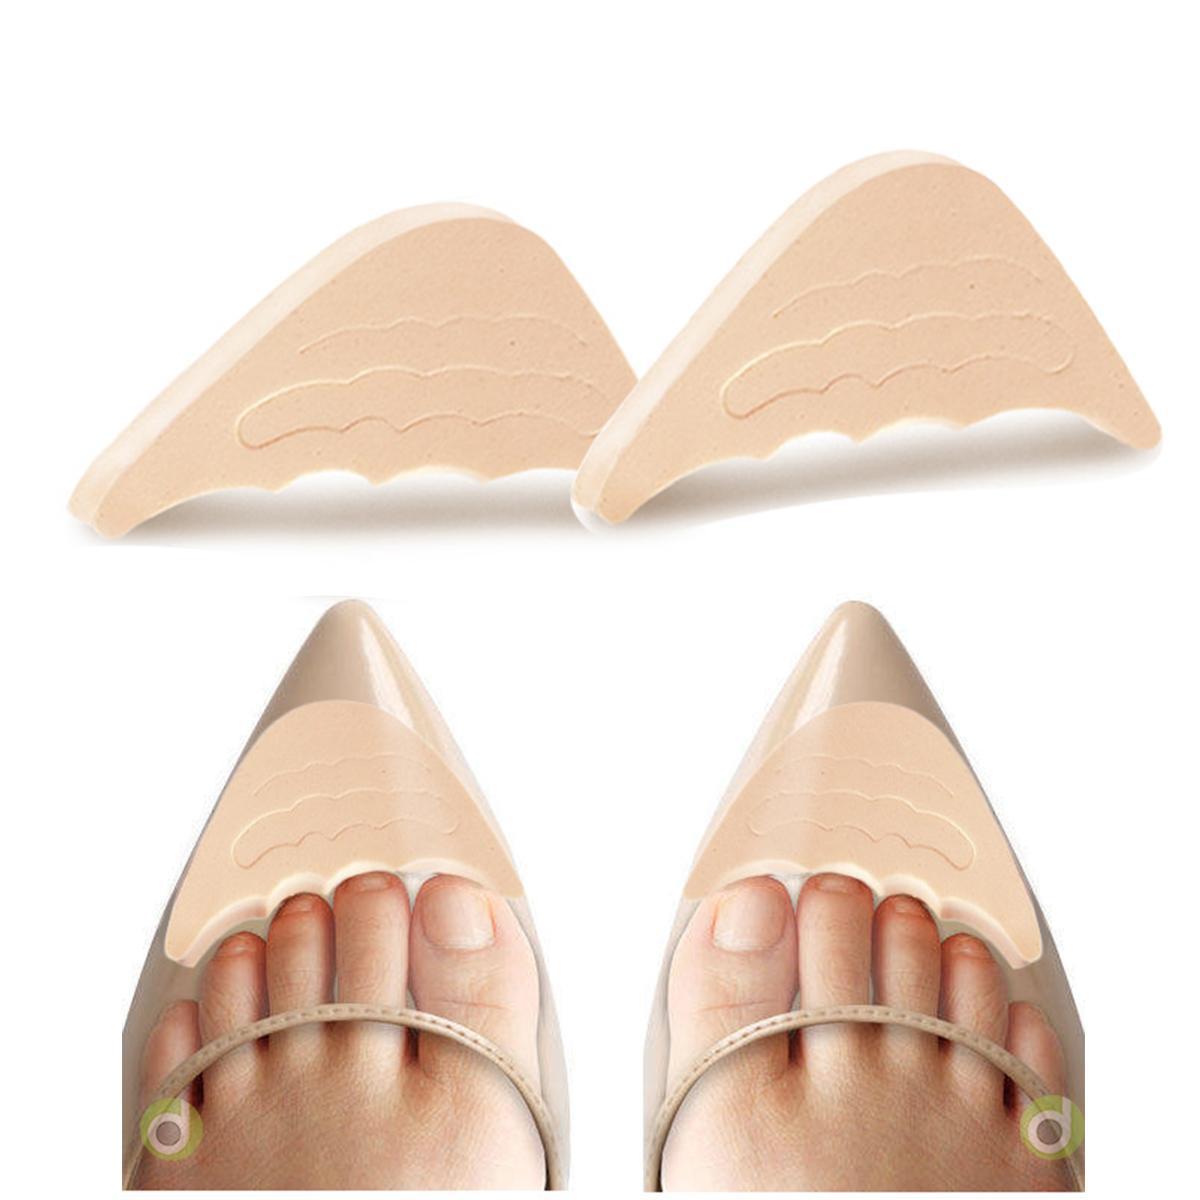 Một cặp lót mũi giày cao gót đệm êm ngón chân chất liệu cao su non sử dụng được cho tất cả các loại giày bít mũi PK50